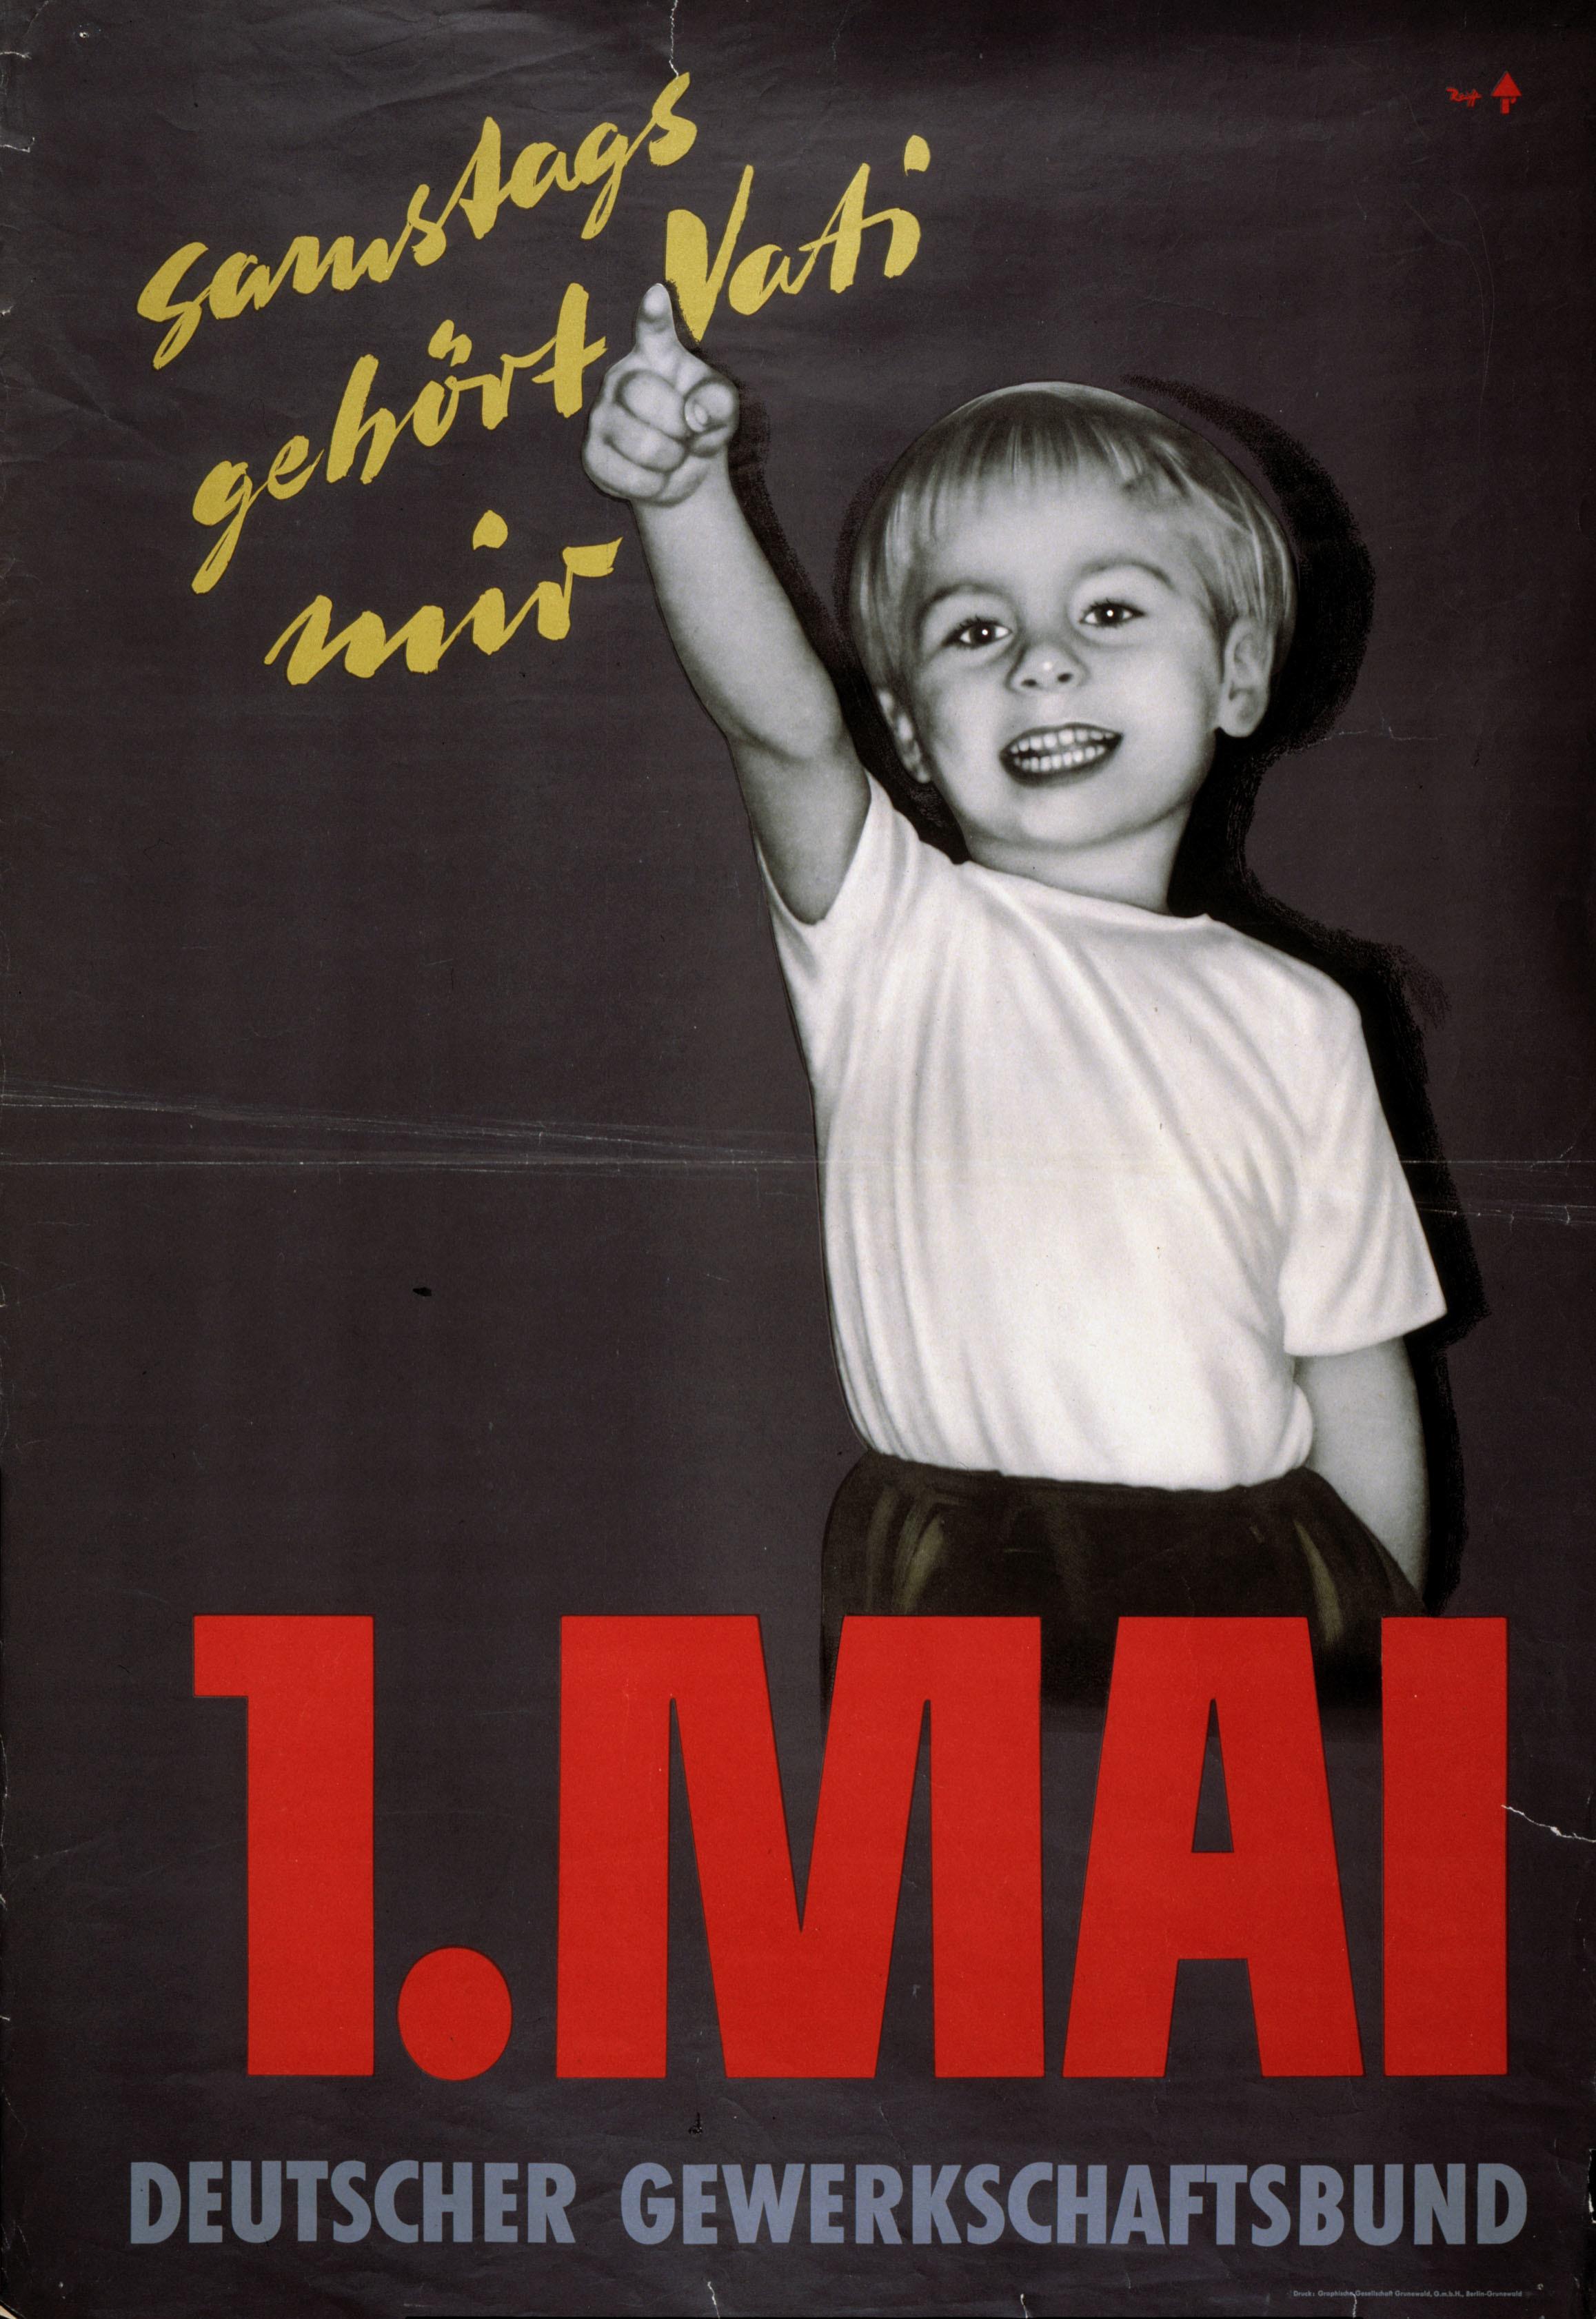 Mit diesem Plakat warb der Deutsche Gewerkschaftsbund in den Fünzigerjahren für eine Fünftagewoche. Bis dahin war es etwa für Bergleute und Metallarbeiter normal, sechs Tage die Woche arbeiten zu müssen